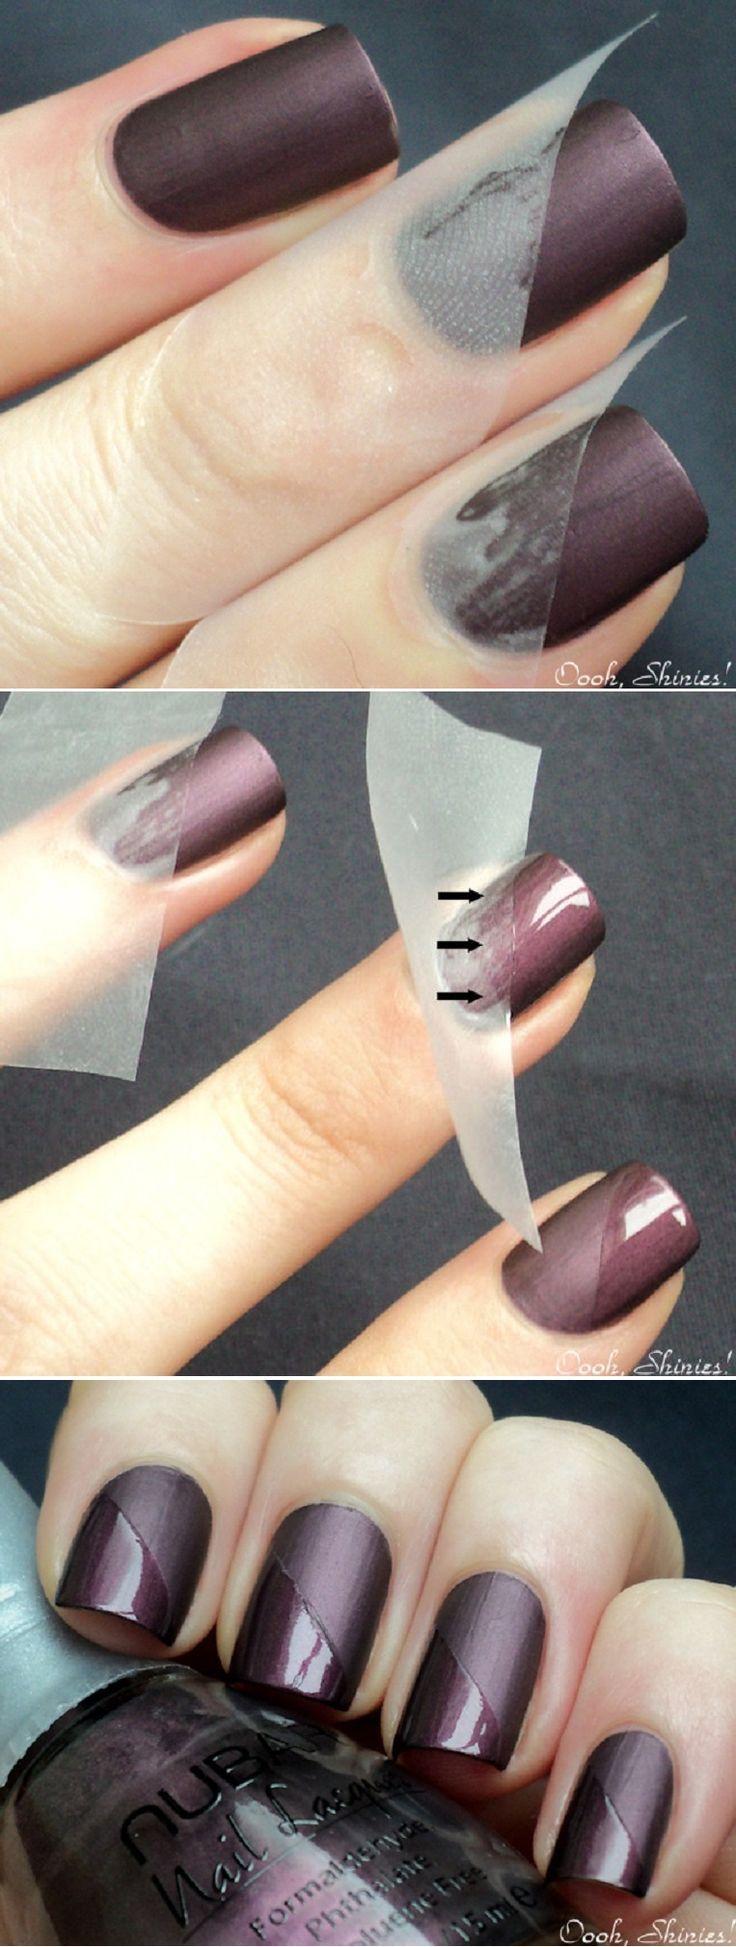 Taped Mani Tutorial Nail design  Nail Designs